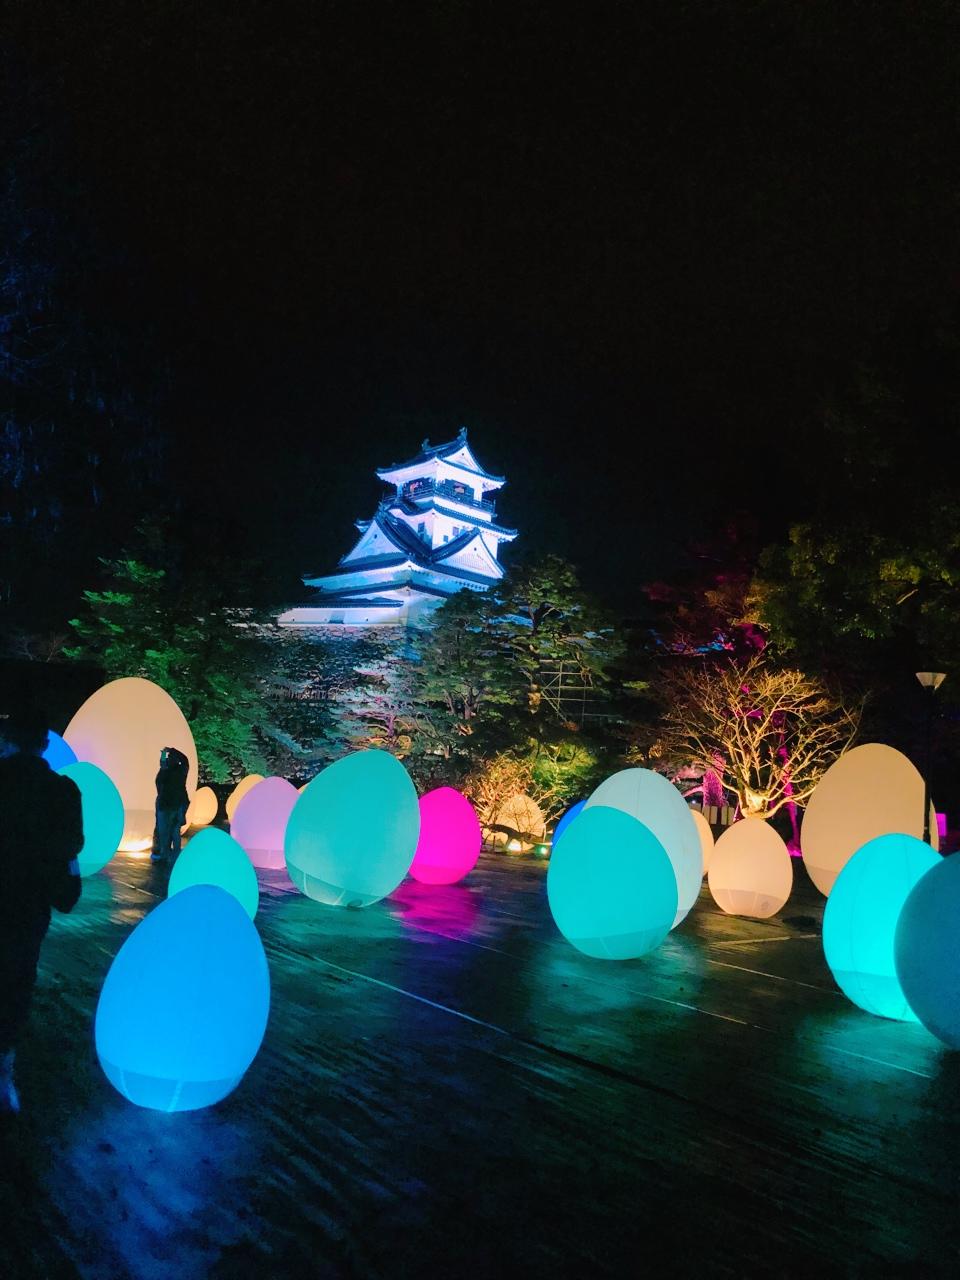 【チームラボ 高知城 光の祭】高知城と光のイルミネーション見に行きました★_1